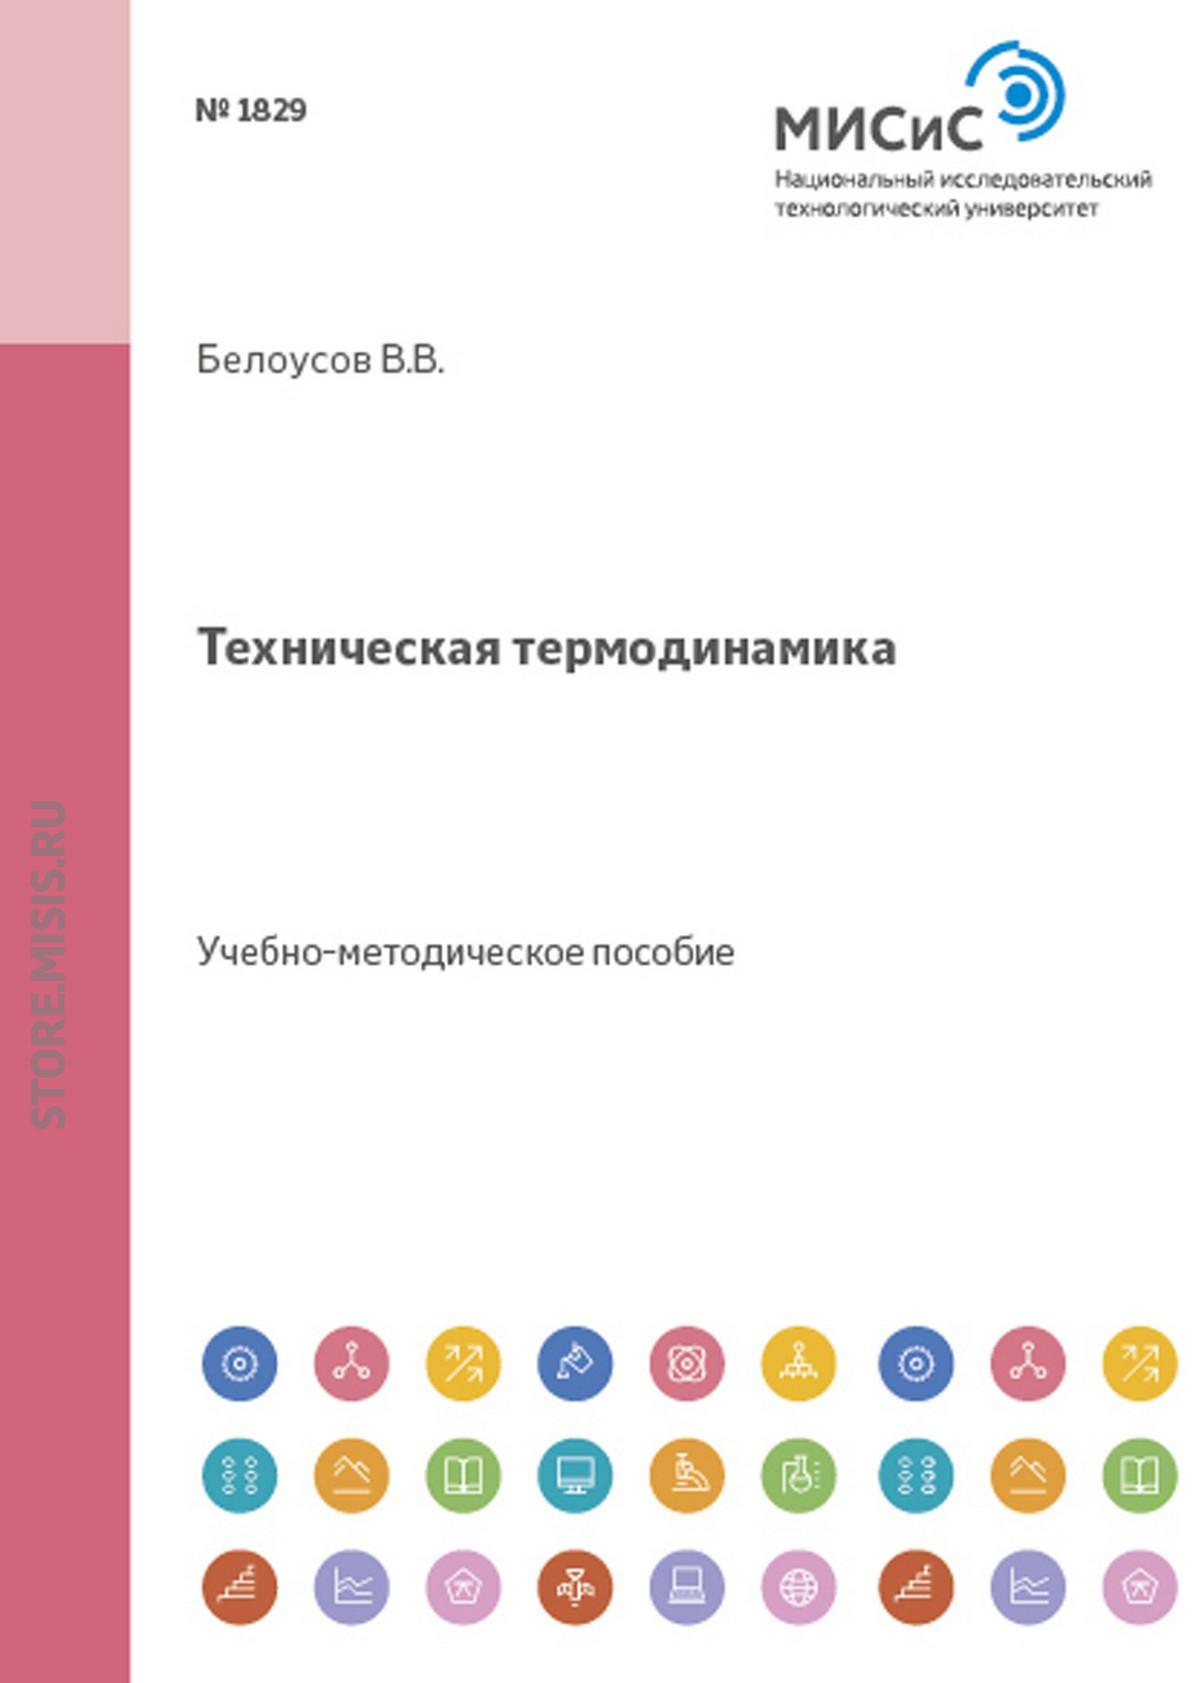 Виталий Белоусов Техническая термодинамика